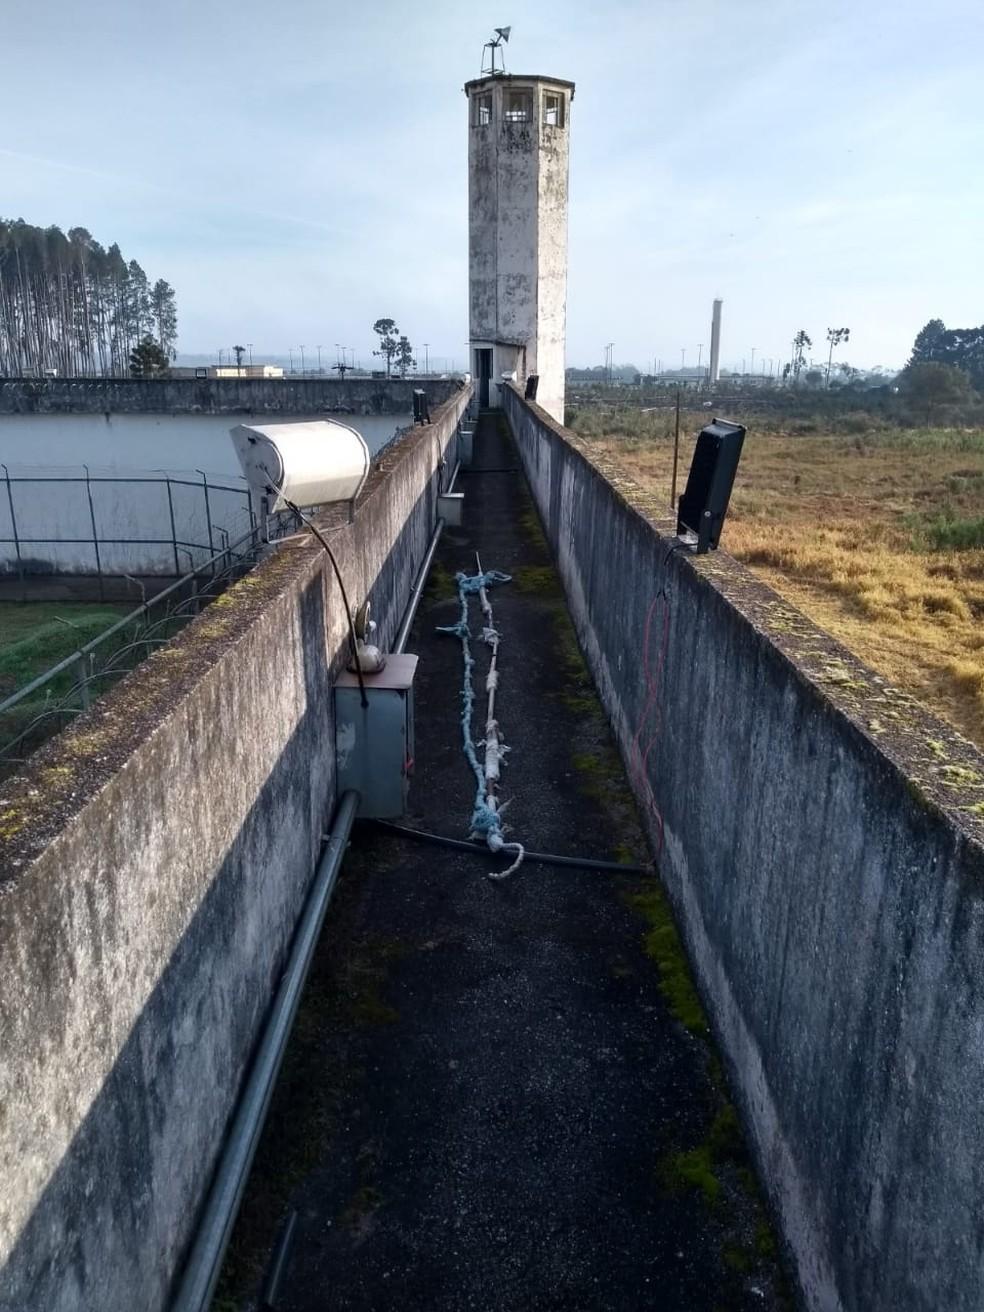 Imagens divulgadas pela Polícia Militar (PM) mostram que os presos usaram uma espécie de corda para passar pelos muros da penitenciária — Foto: PM/Divulgação